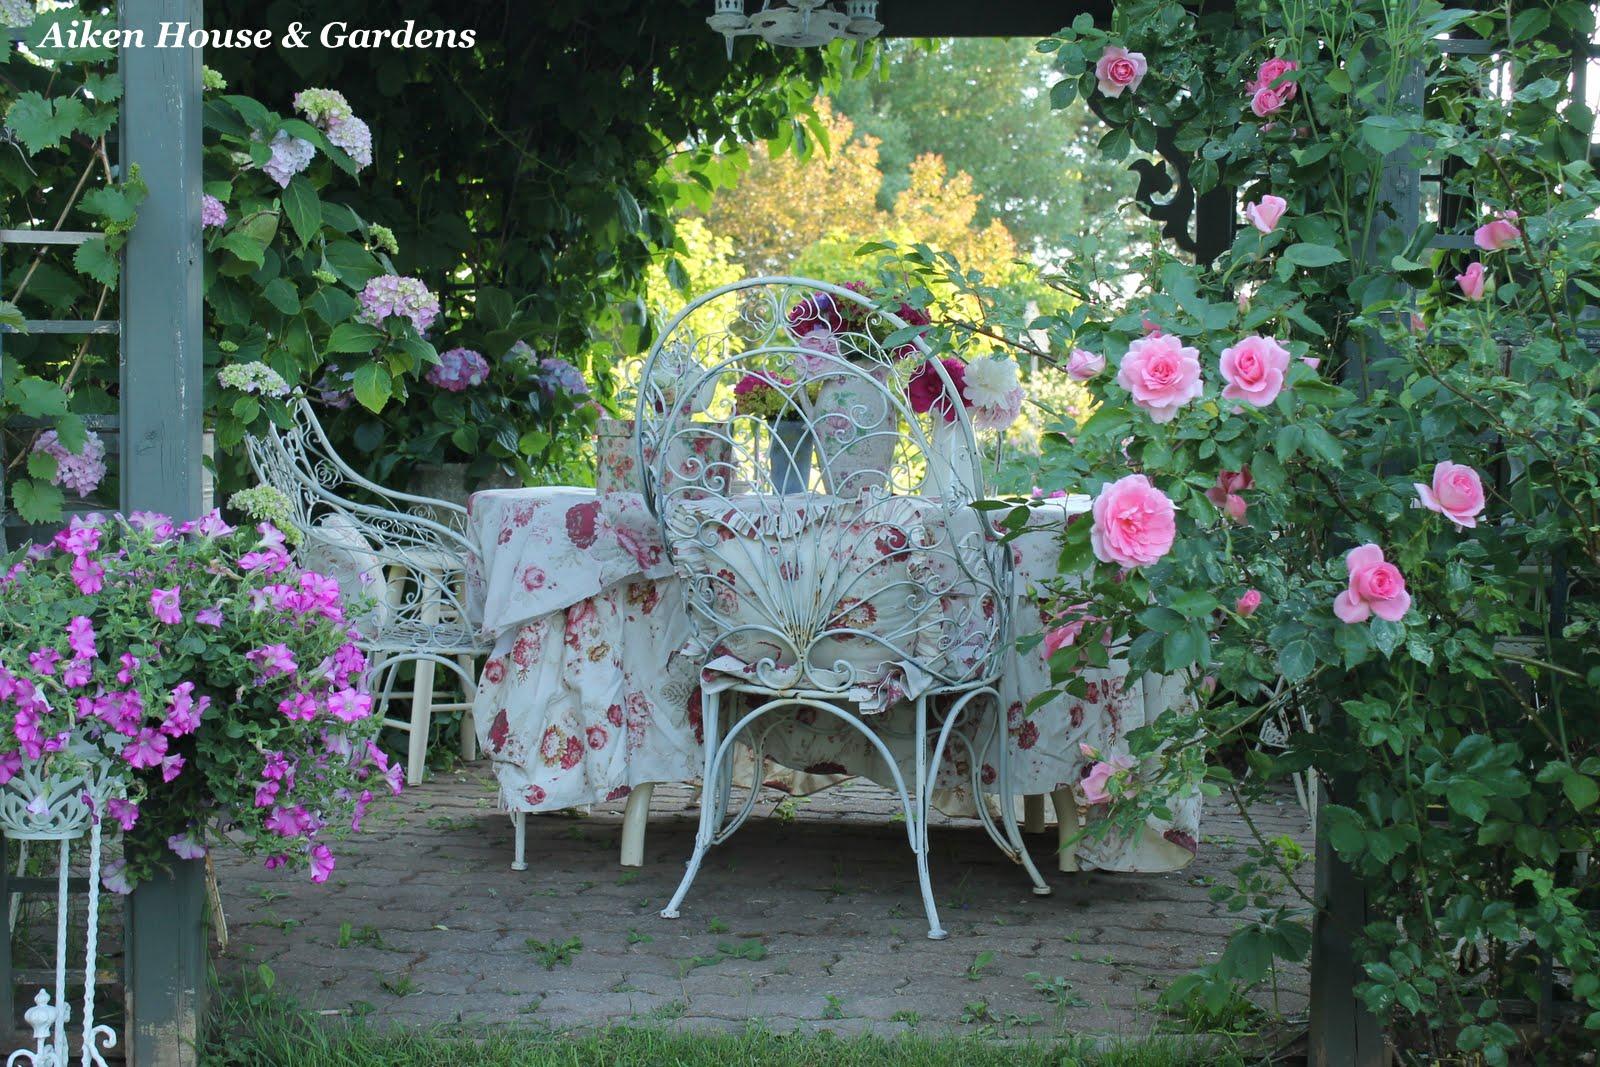 Aiken House & Gardens: Romantic Garden Style on Romantic Backyard Ideas id=27394